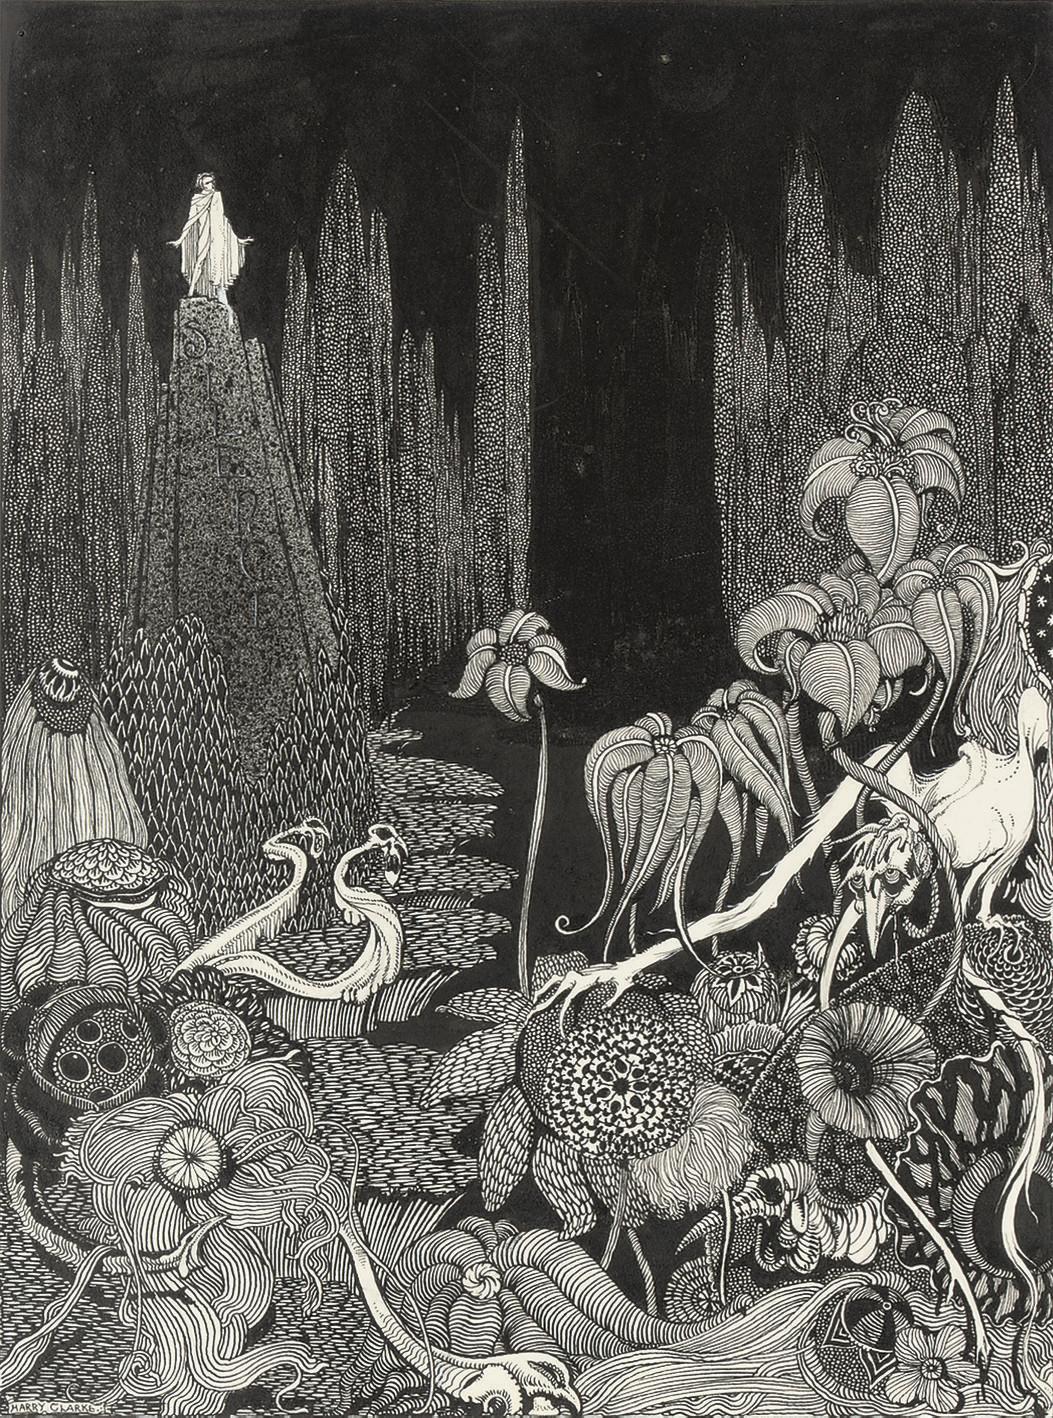 Harry Clarke, R.H.A. (1889-193